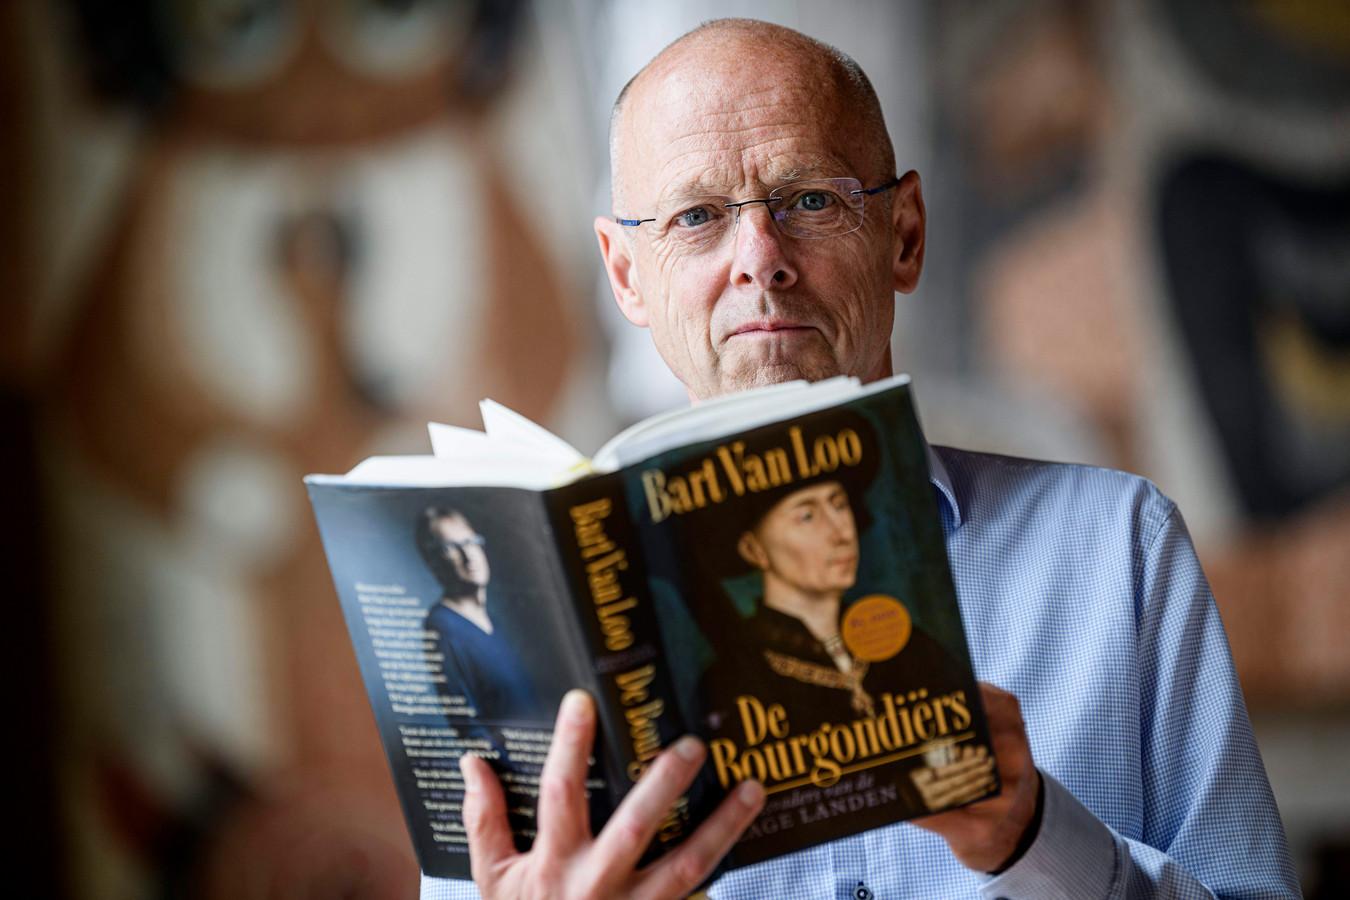 """Wethouder Bas van Wakeren met het boek De Bourgondiërs dat hij meeneemt op vakantie. """"Ik bereid me altijd goed voor als ik op vakantie ga."""""""